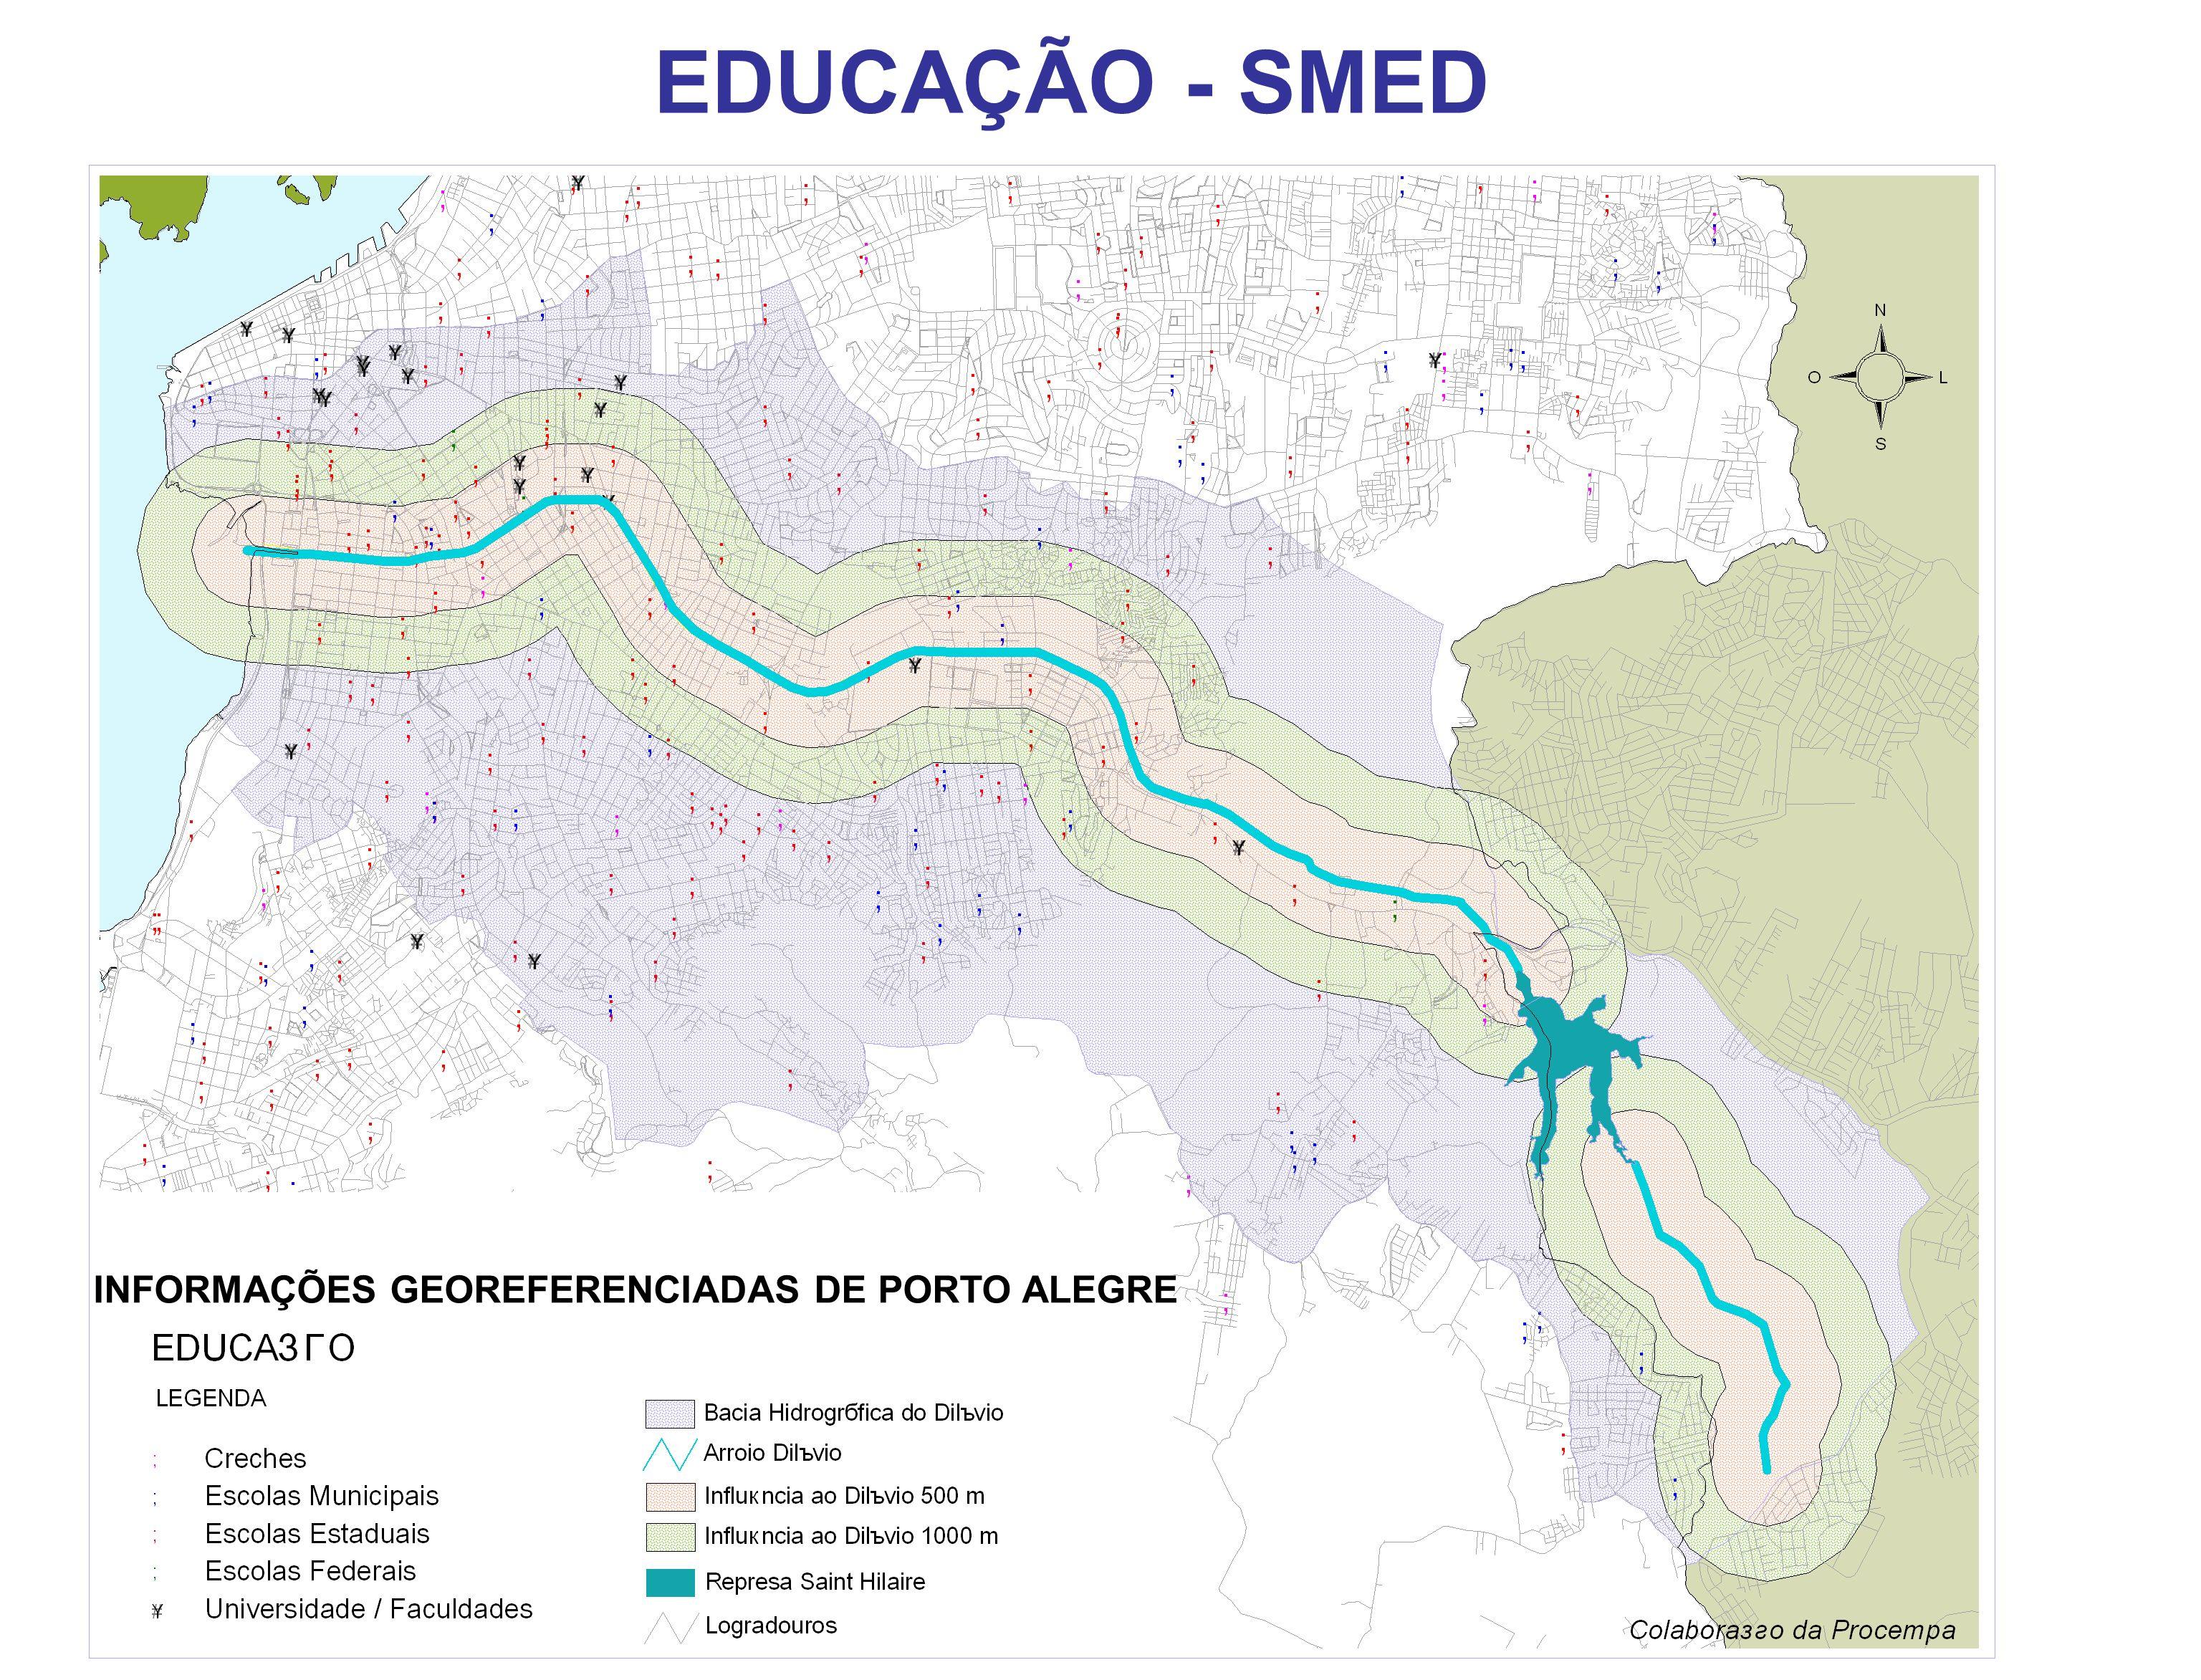 INFORMAÇÕES GEOREFERENCIADAS DE PORTO ALEGRE EDUCAÇÃO - SMED